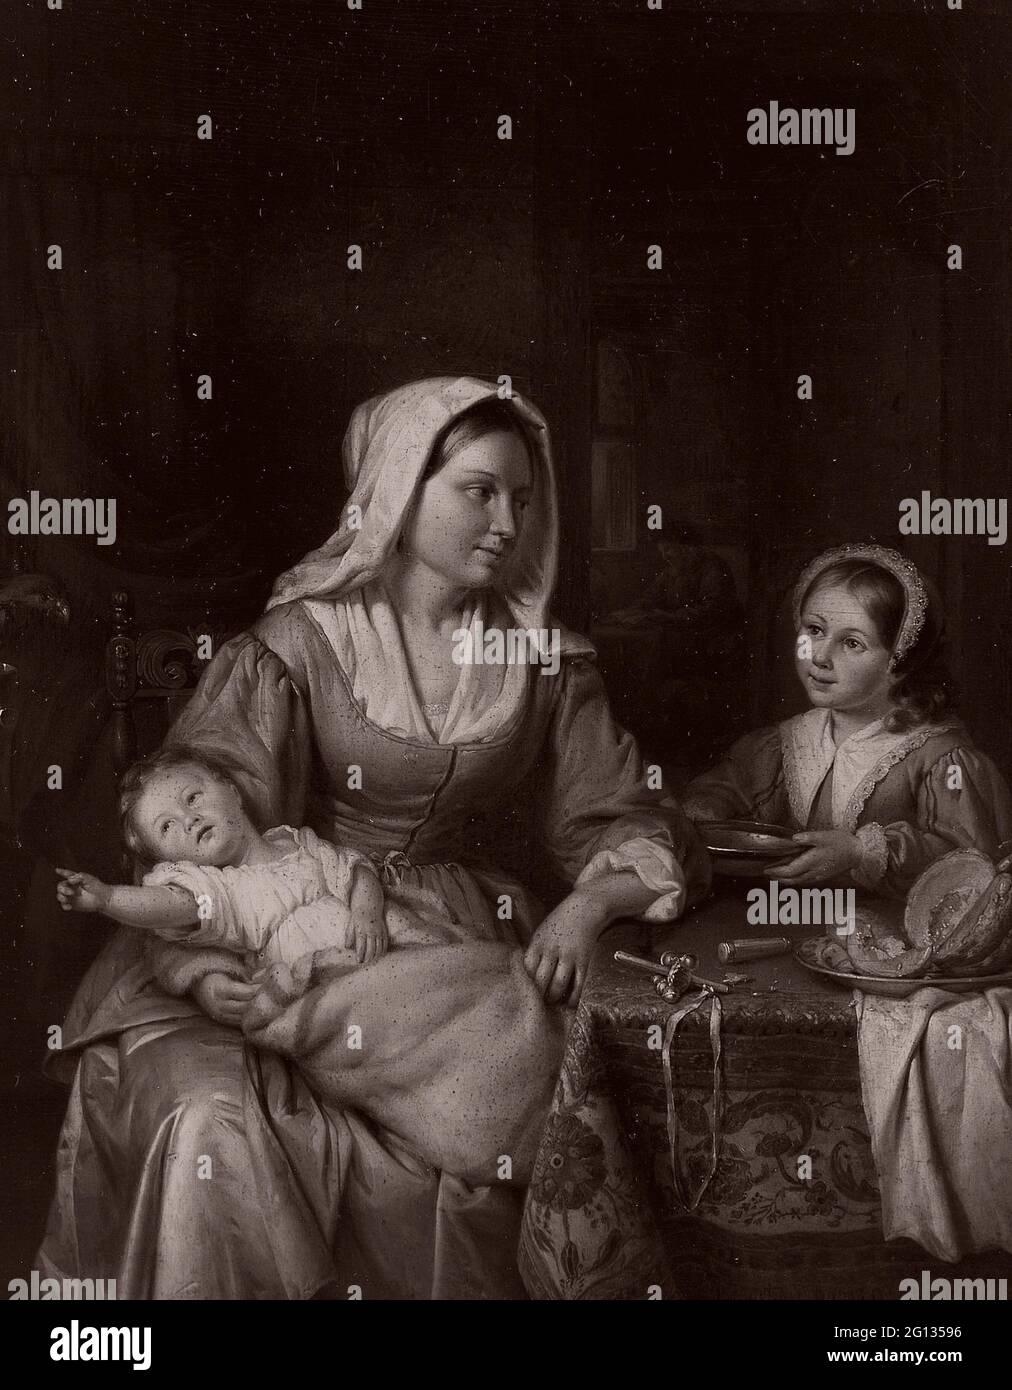 Autor: Adriaan de Lelie. Madre y dos hijos con vida fija - 1810 - Adriaen de Lelie Dutch, 1755-1820. Aceite en el panel. Holanda. Foto de stock